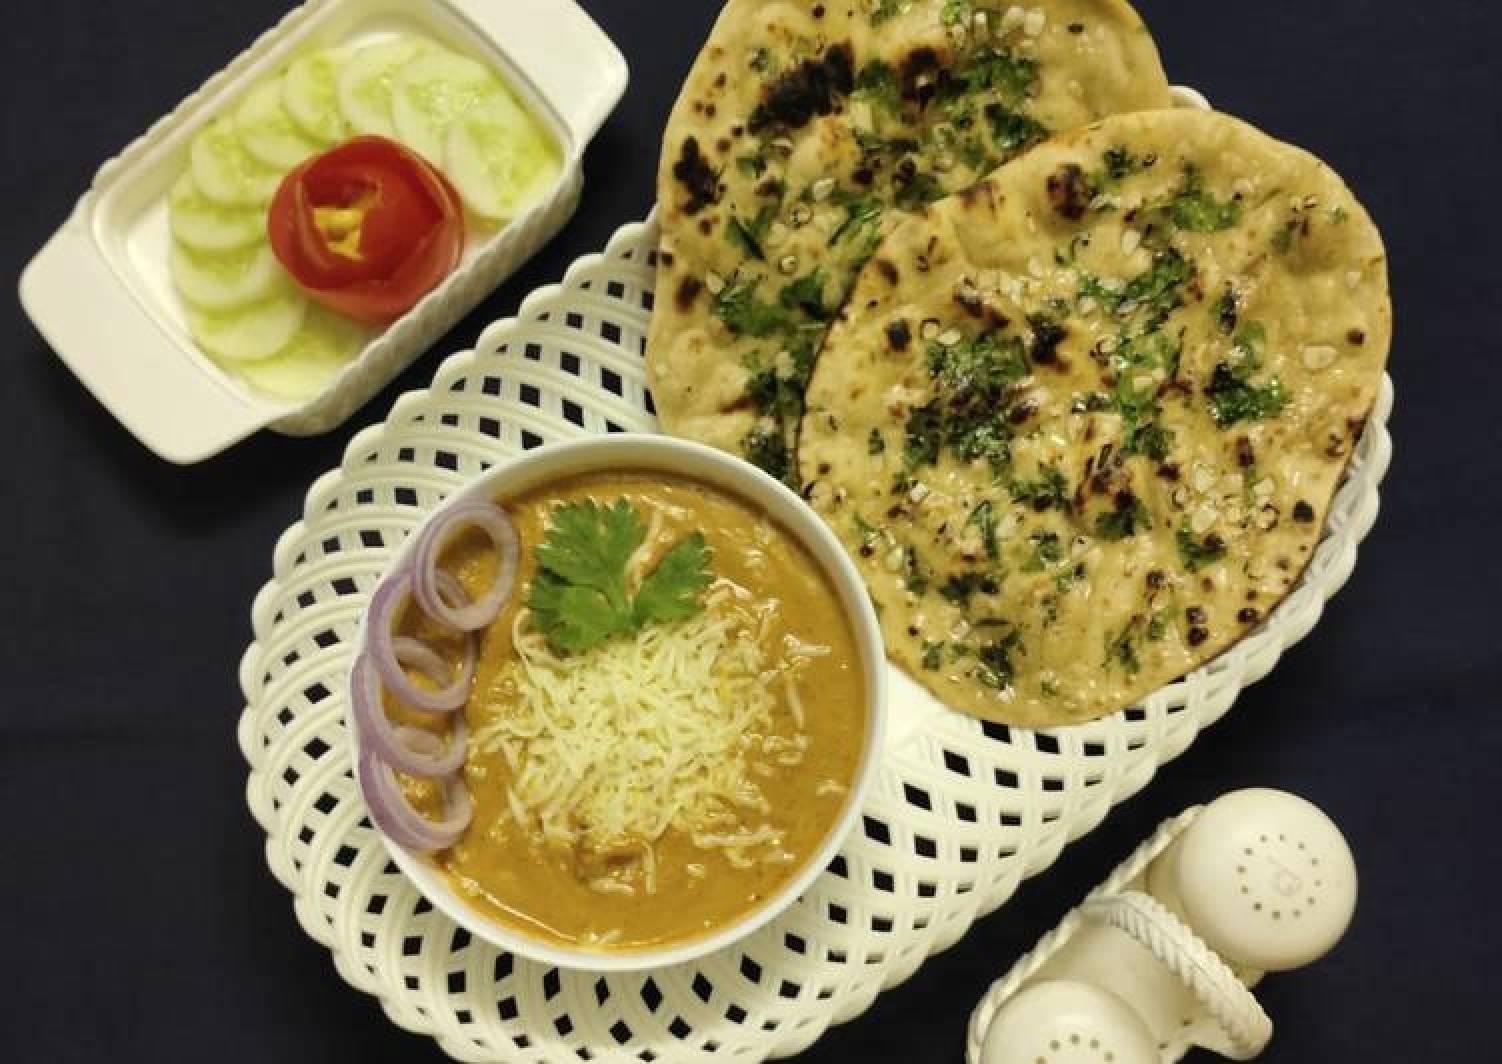 Cheese butter masala and garlic naan